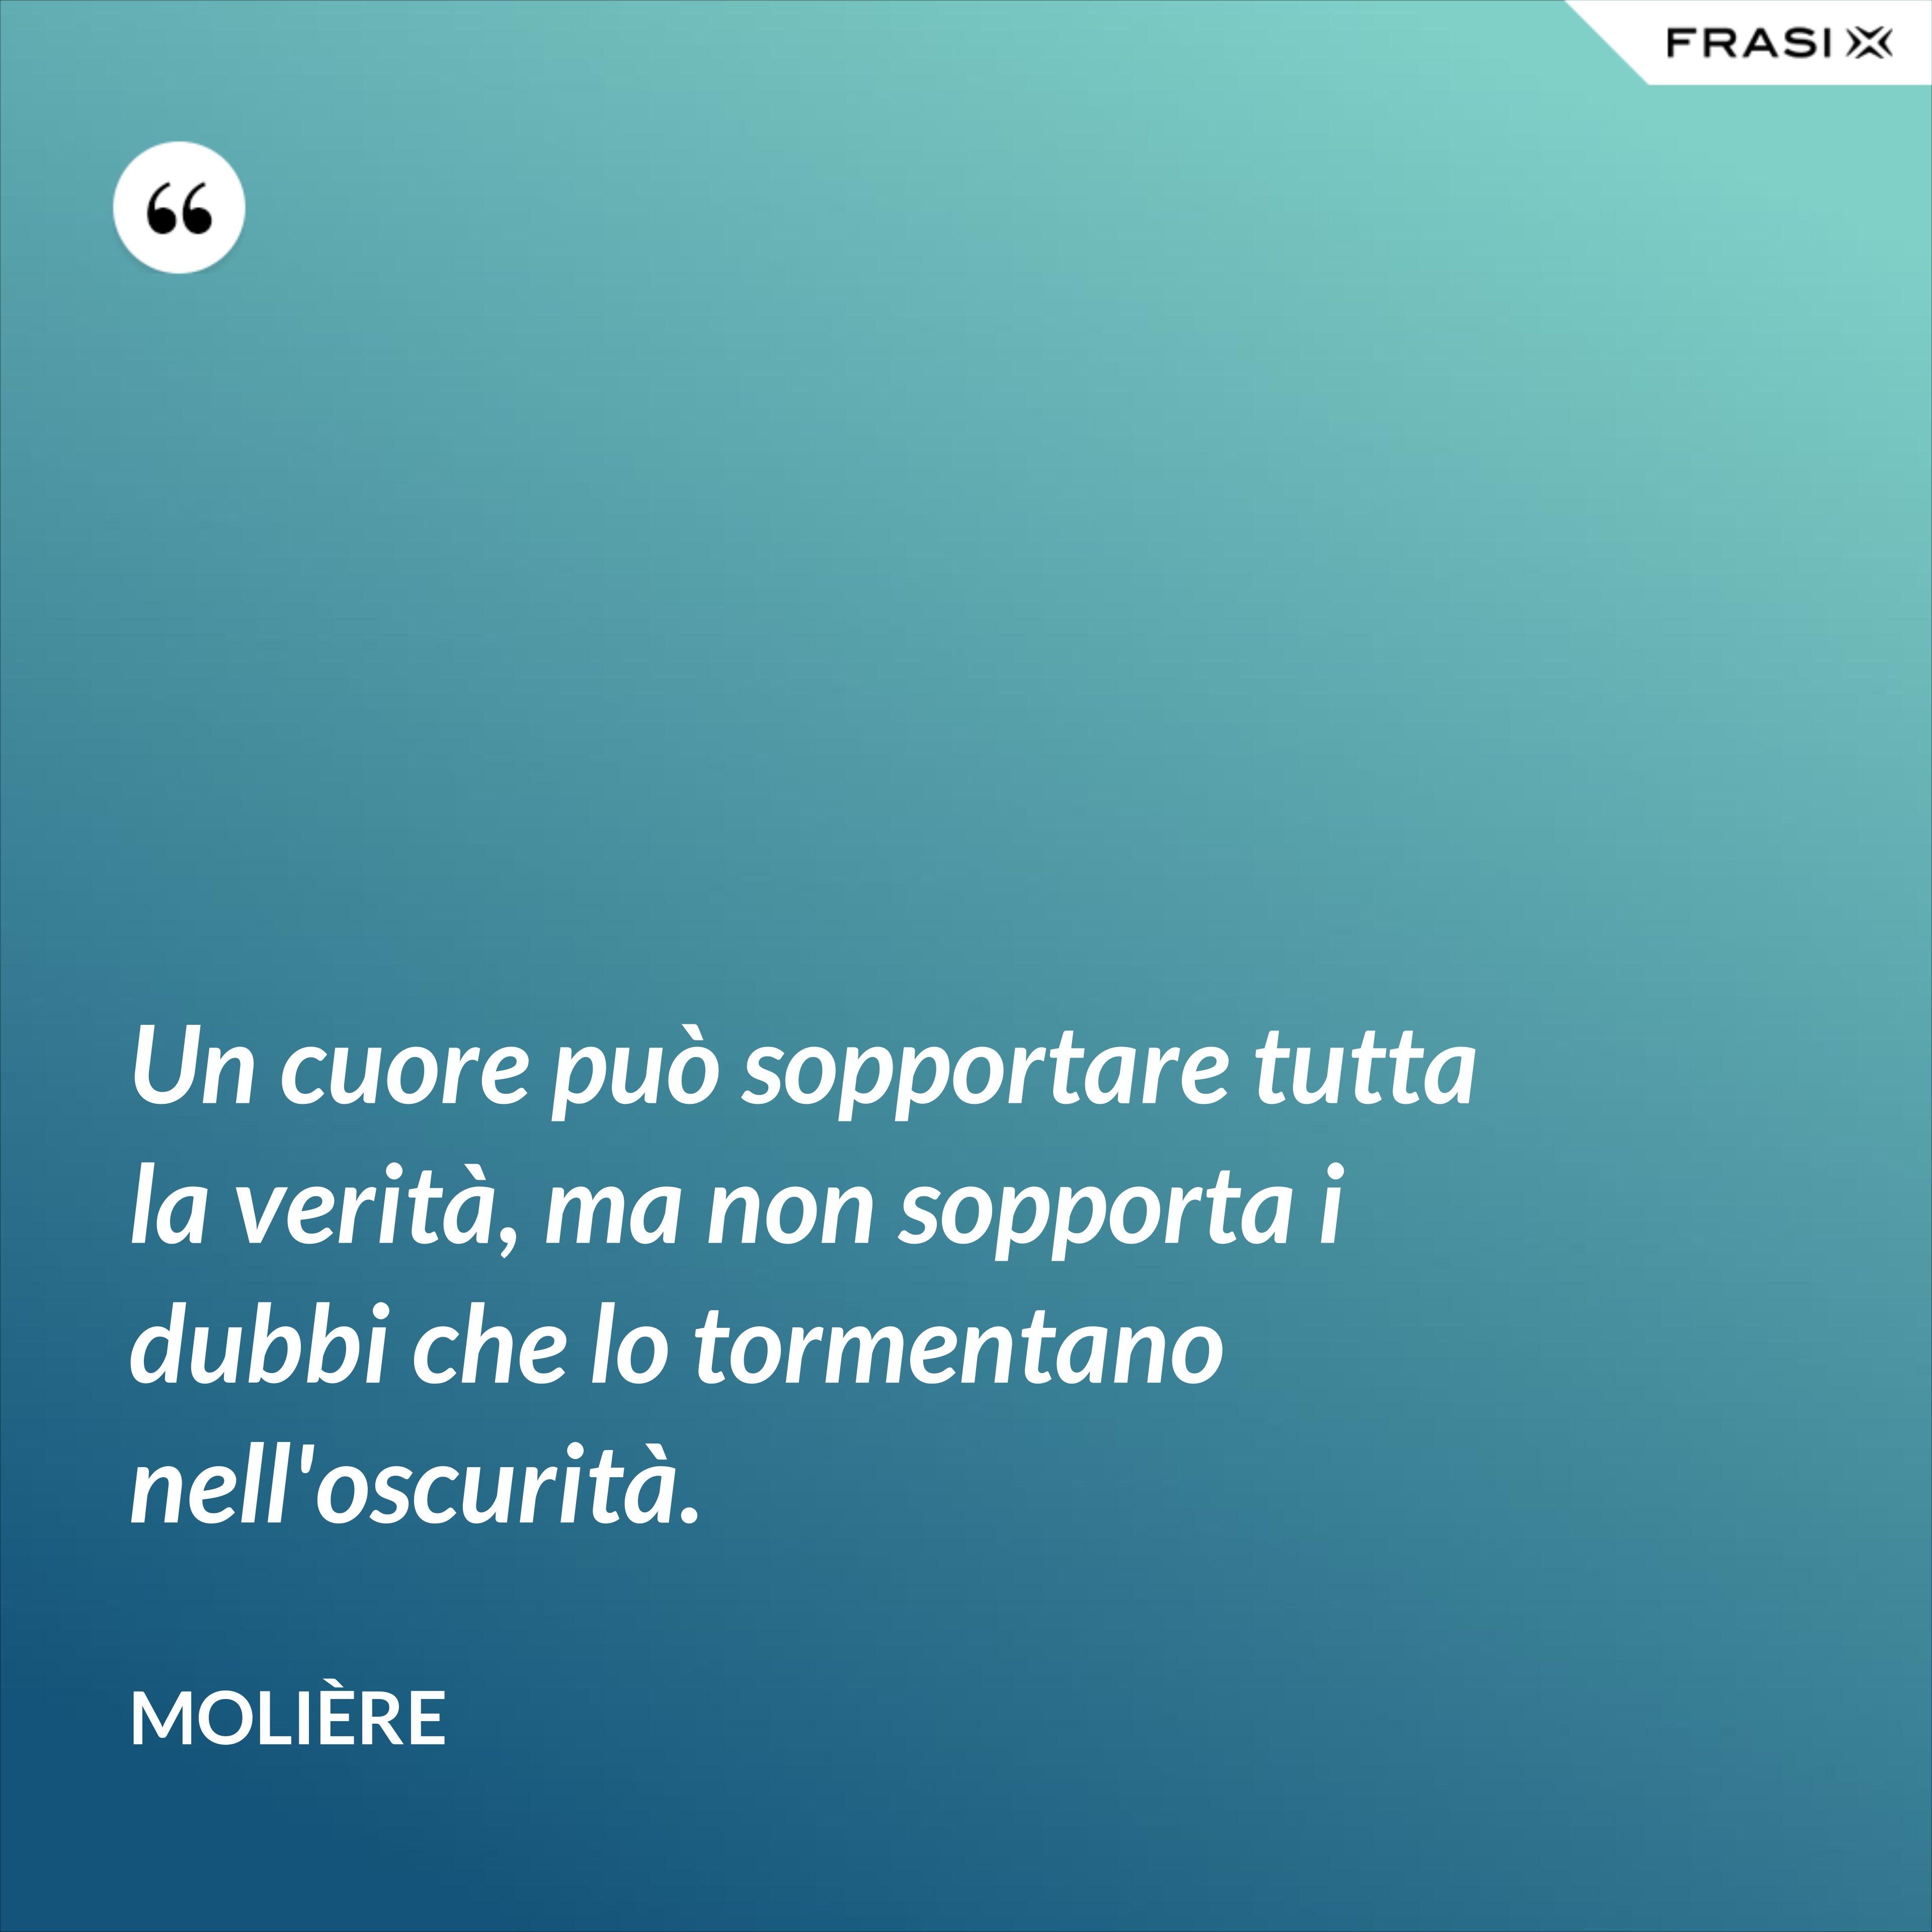 Un cuore può sopportare tutta la verità, ma non sopporta i dubbi che lo tormentano nell'oscurità. - Molière